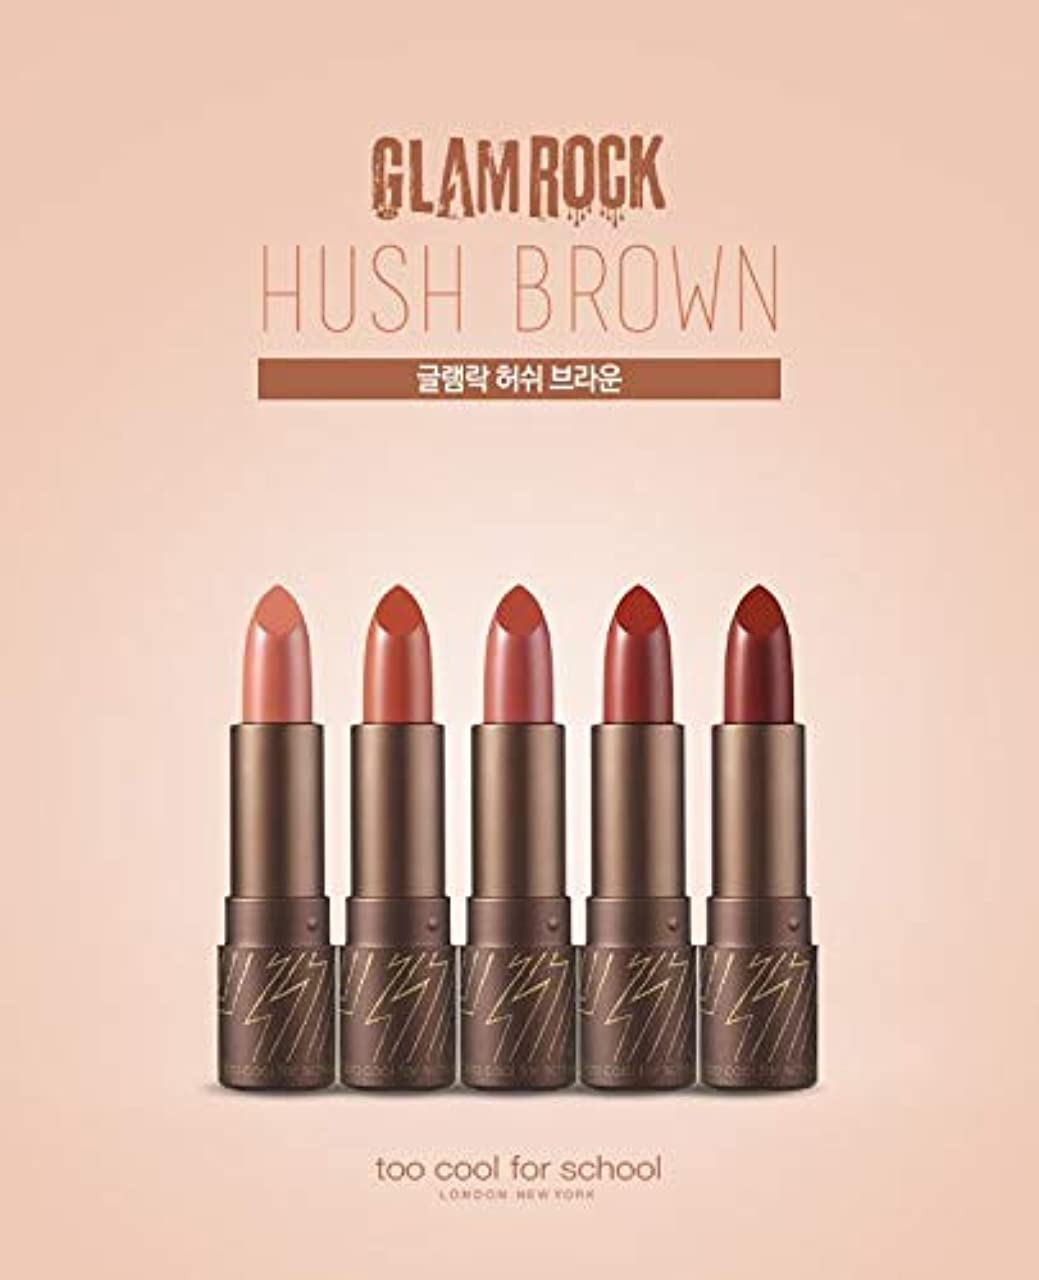 火曜日粘土おめでとう[too cool for school] GLAMROCK Hush Brown 4.2g /グルレムラクハーシーブラウン (2号 Lofty/ロフティ) [並行輸入品]